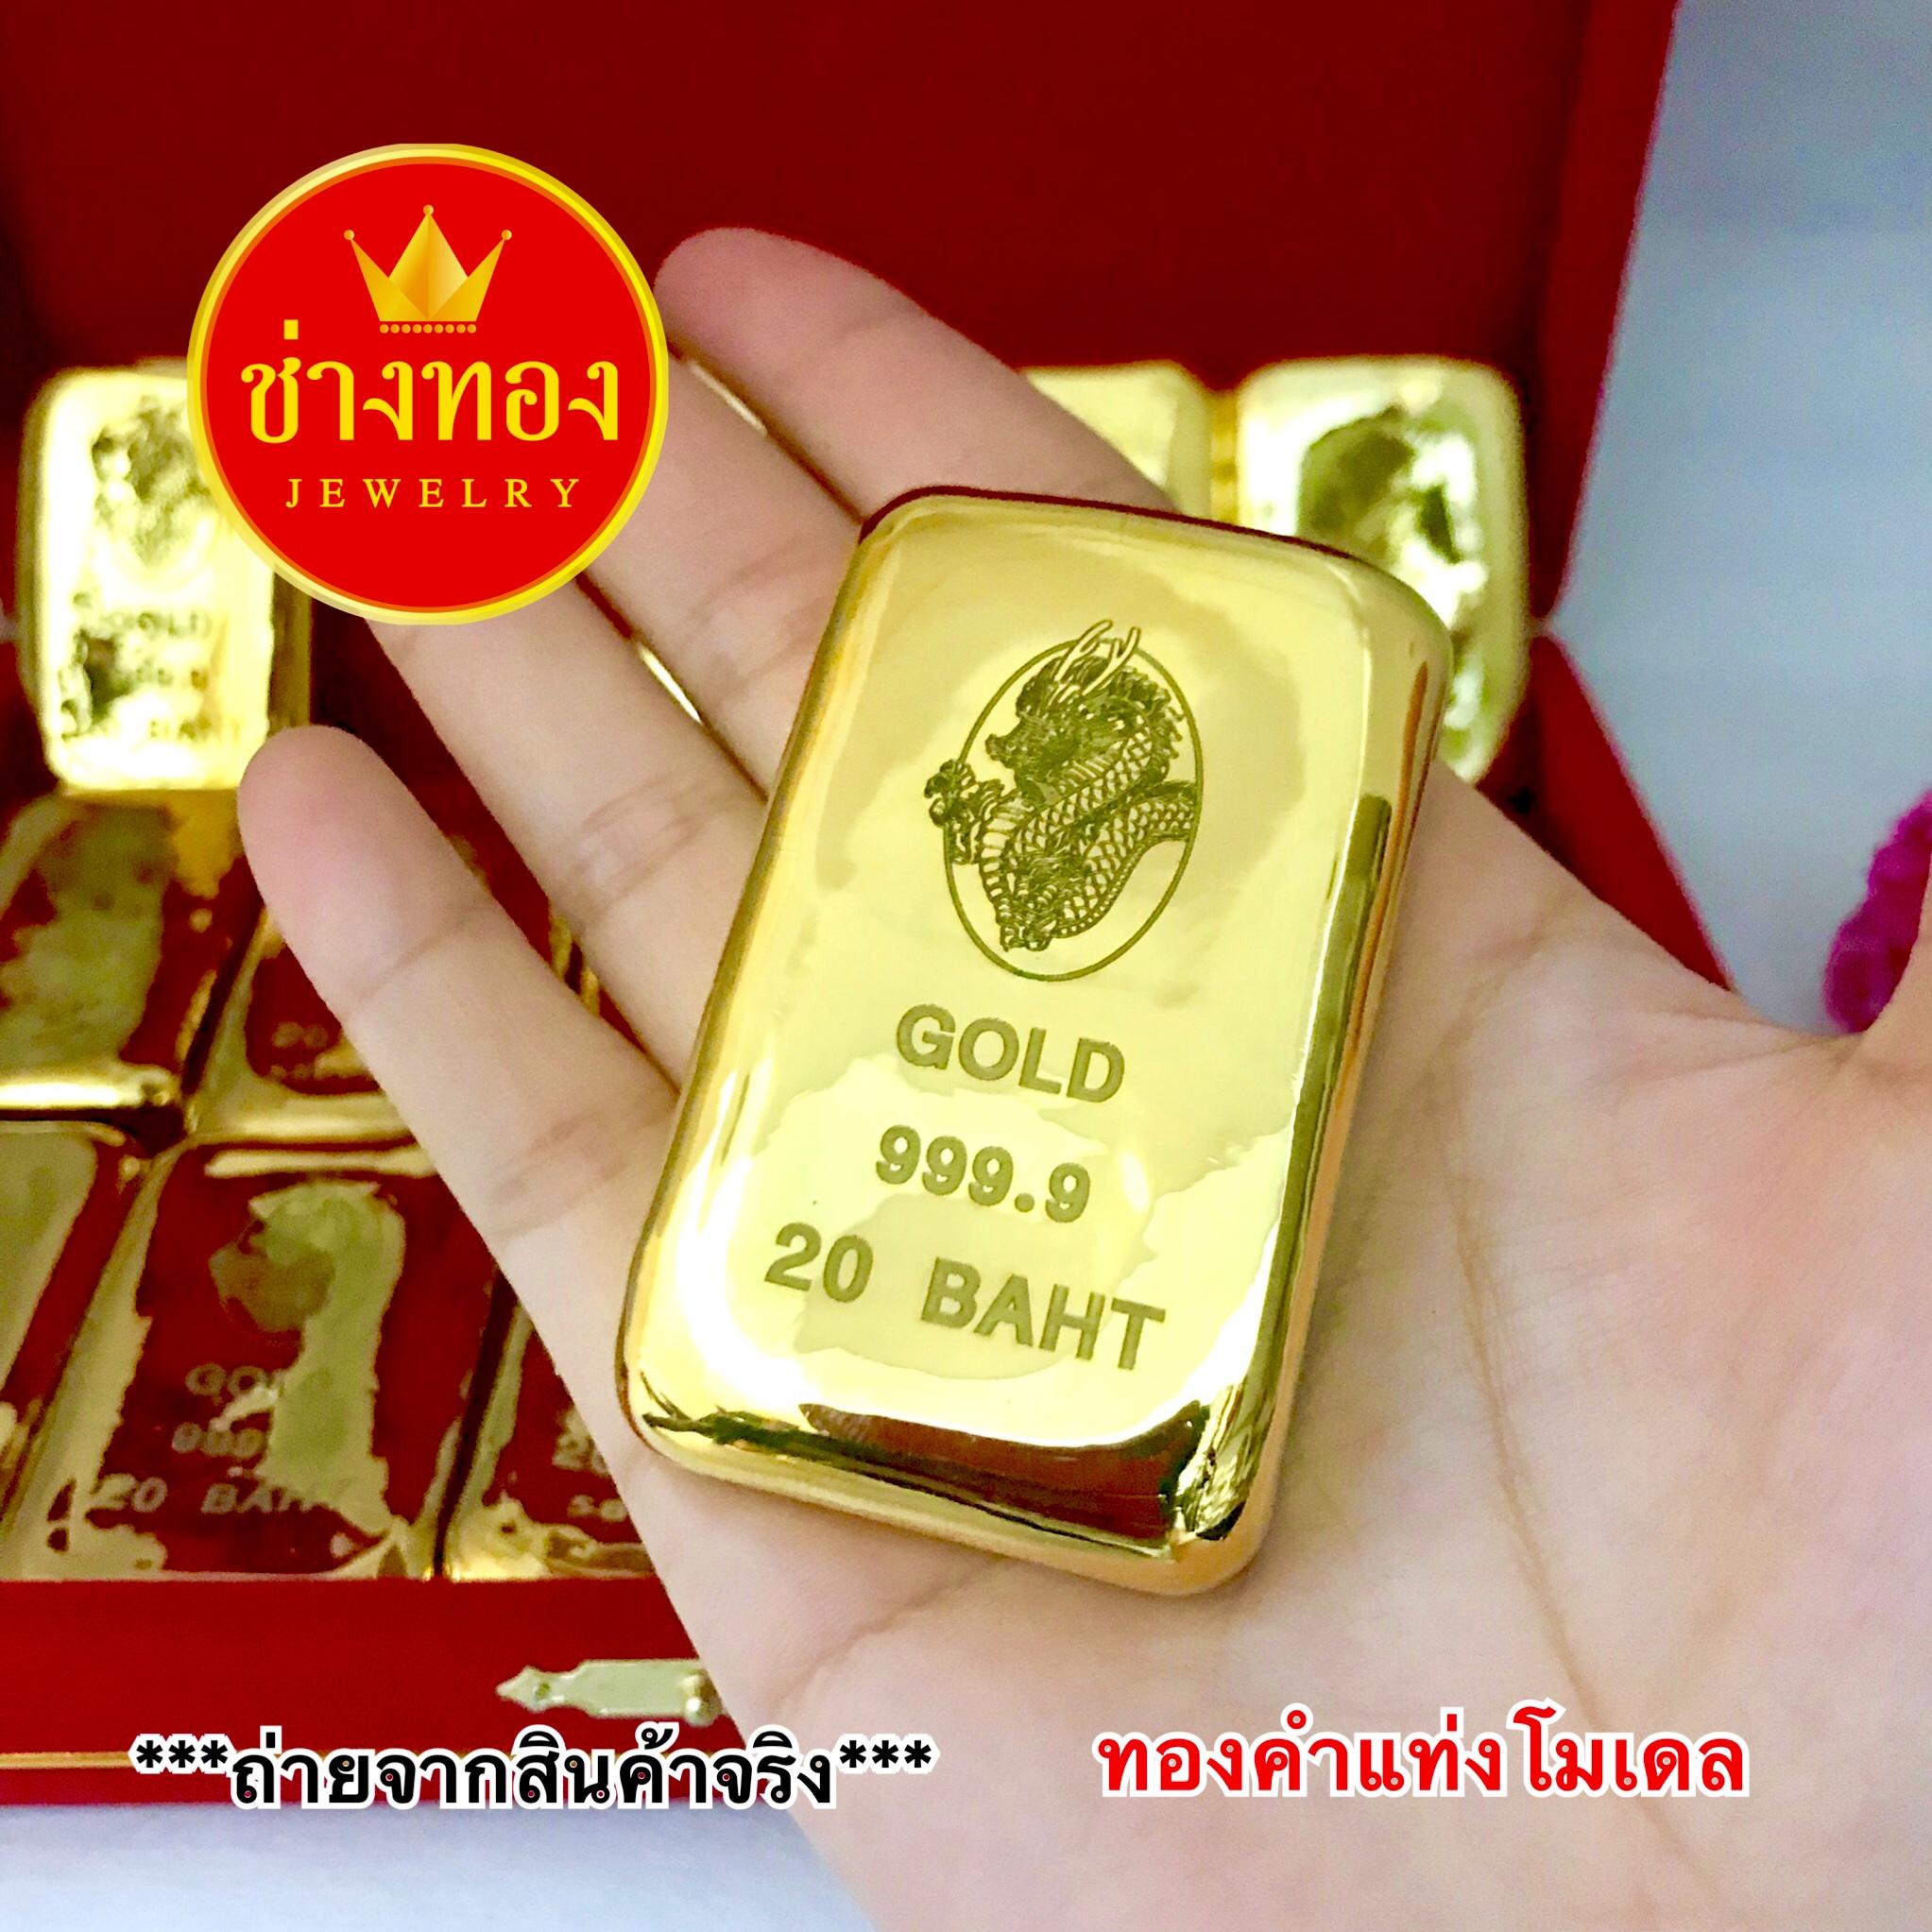 ทองคำแท่งโมเดลหนัก 20 บาทโชว์หน้าร้าน เสริมฮวงจุ้ย เสริมสิริมงคล